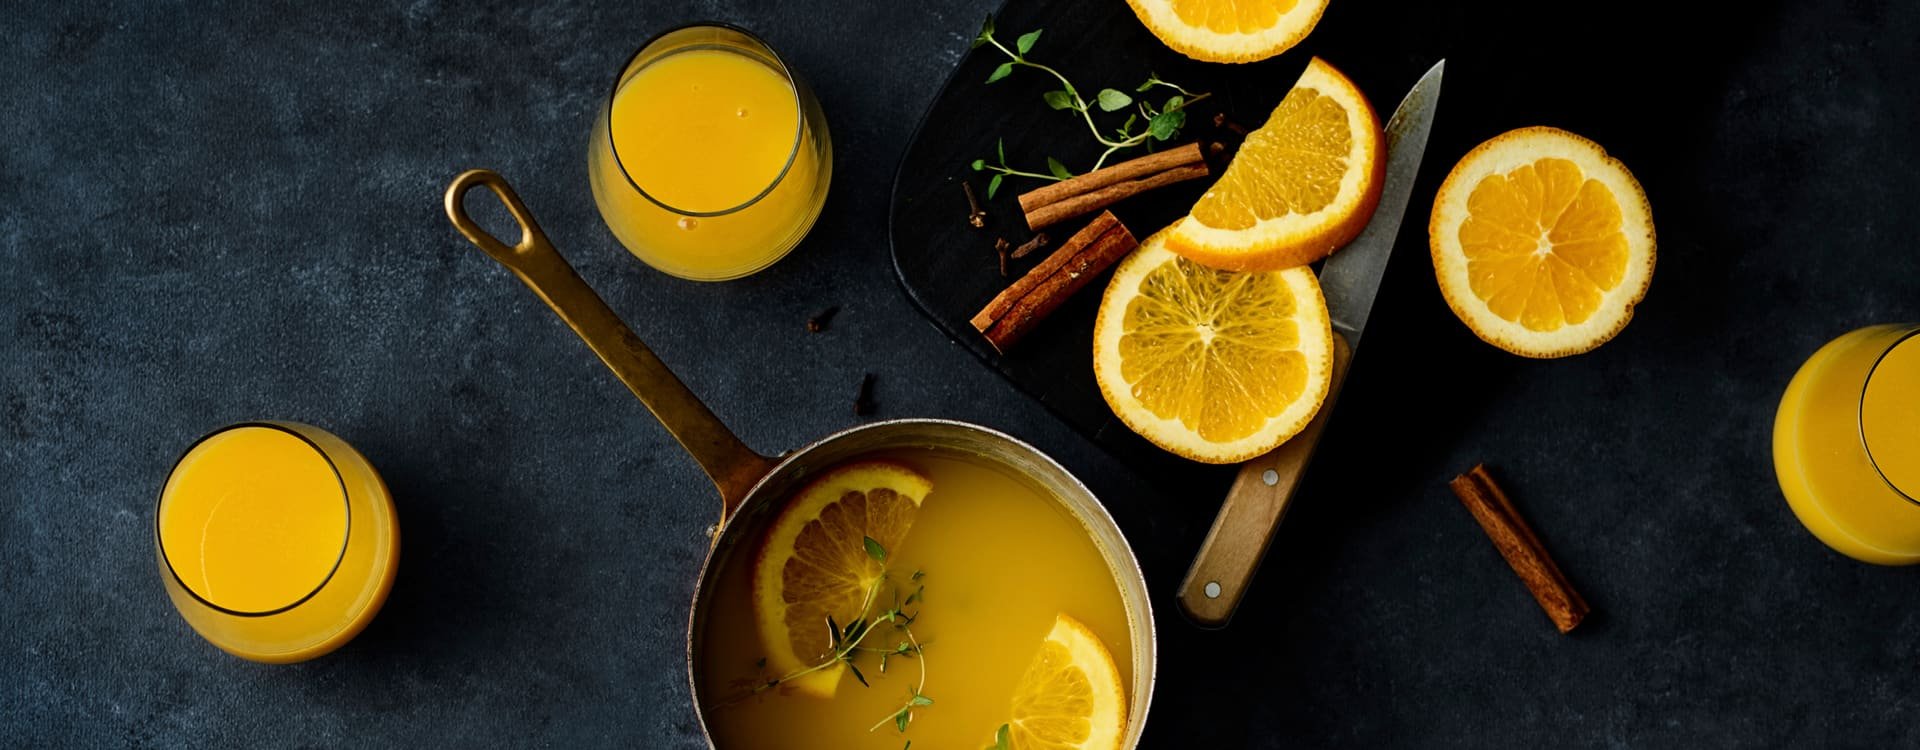 Varm appelsindrikk med kanel, nellik og timian